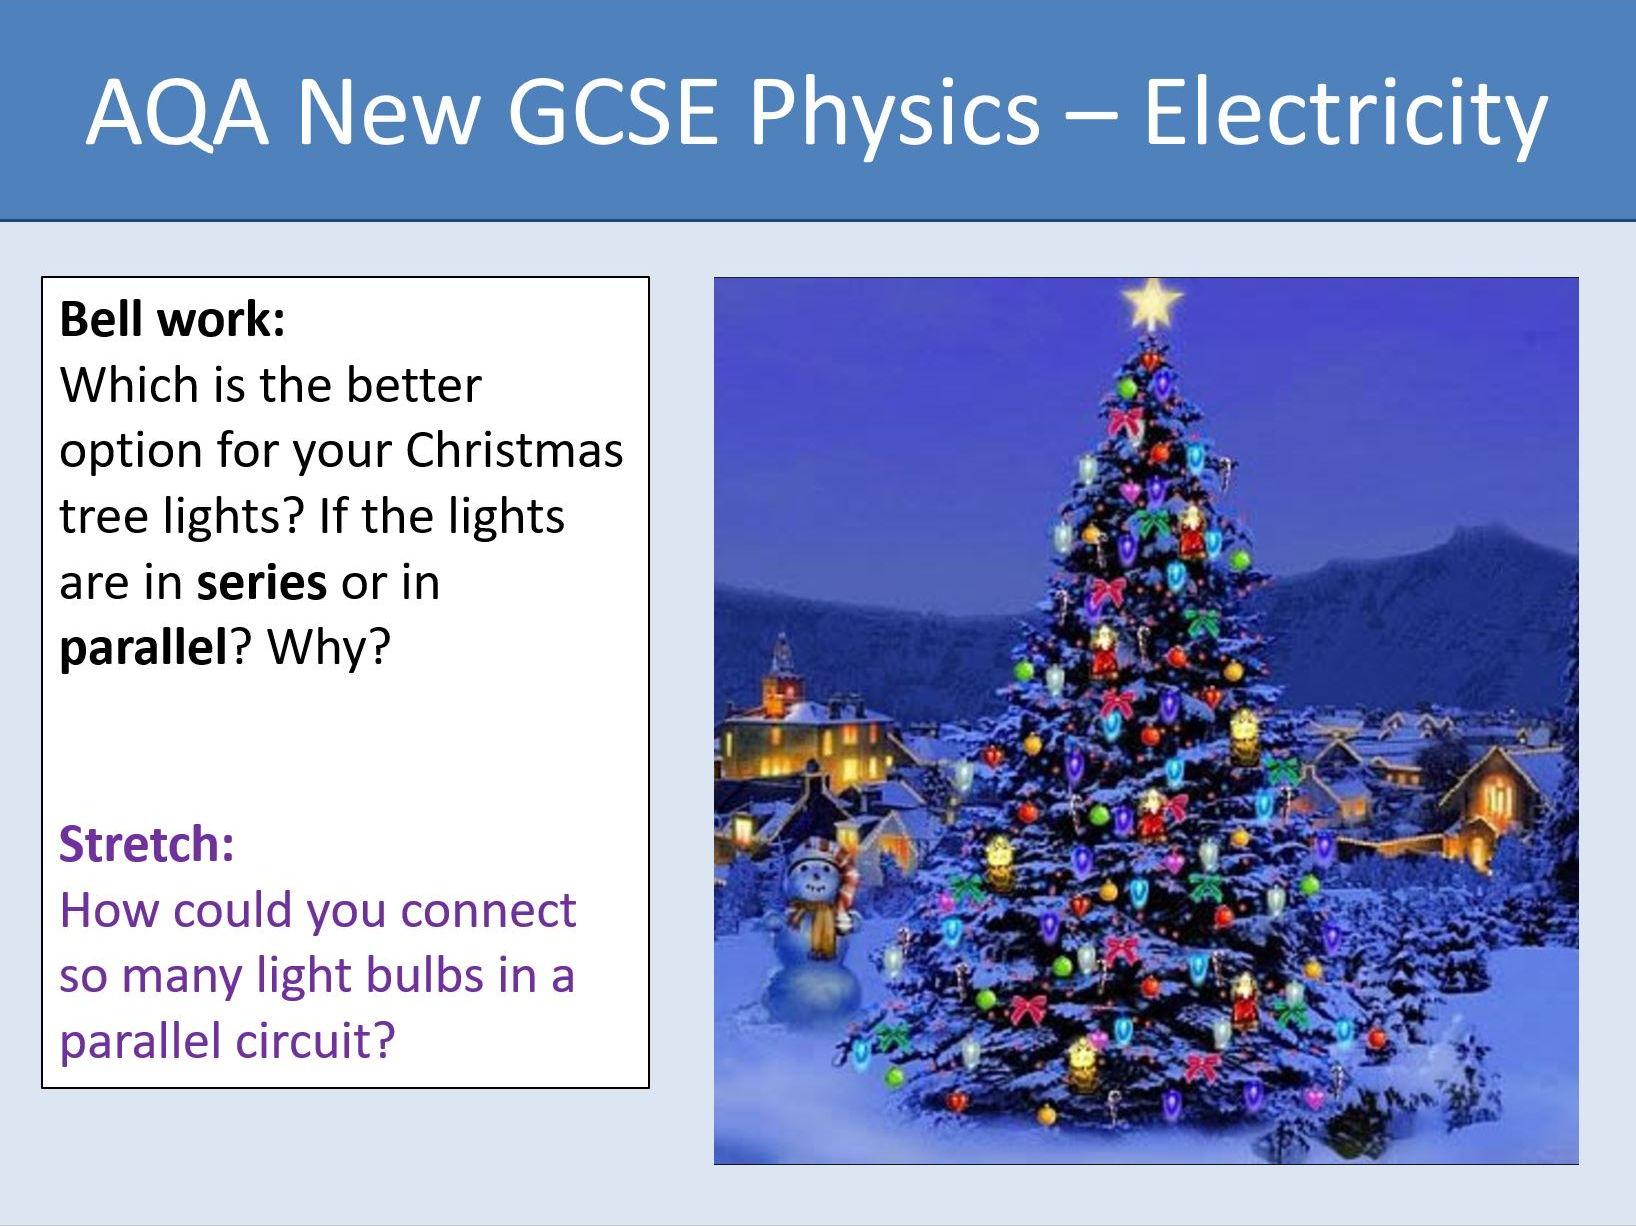 AQA New GCSE Electricity Lesson Bundle